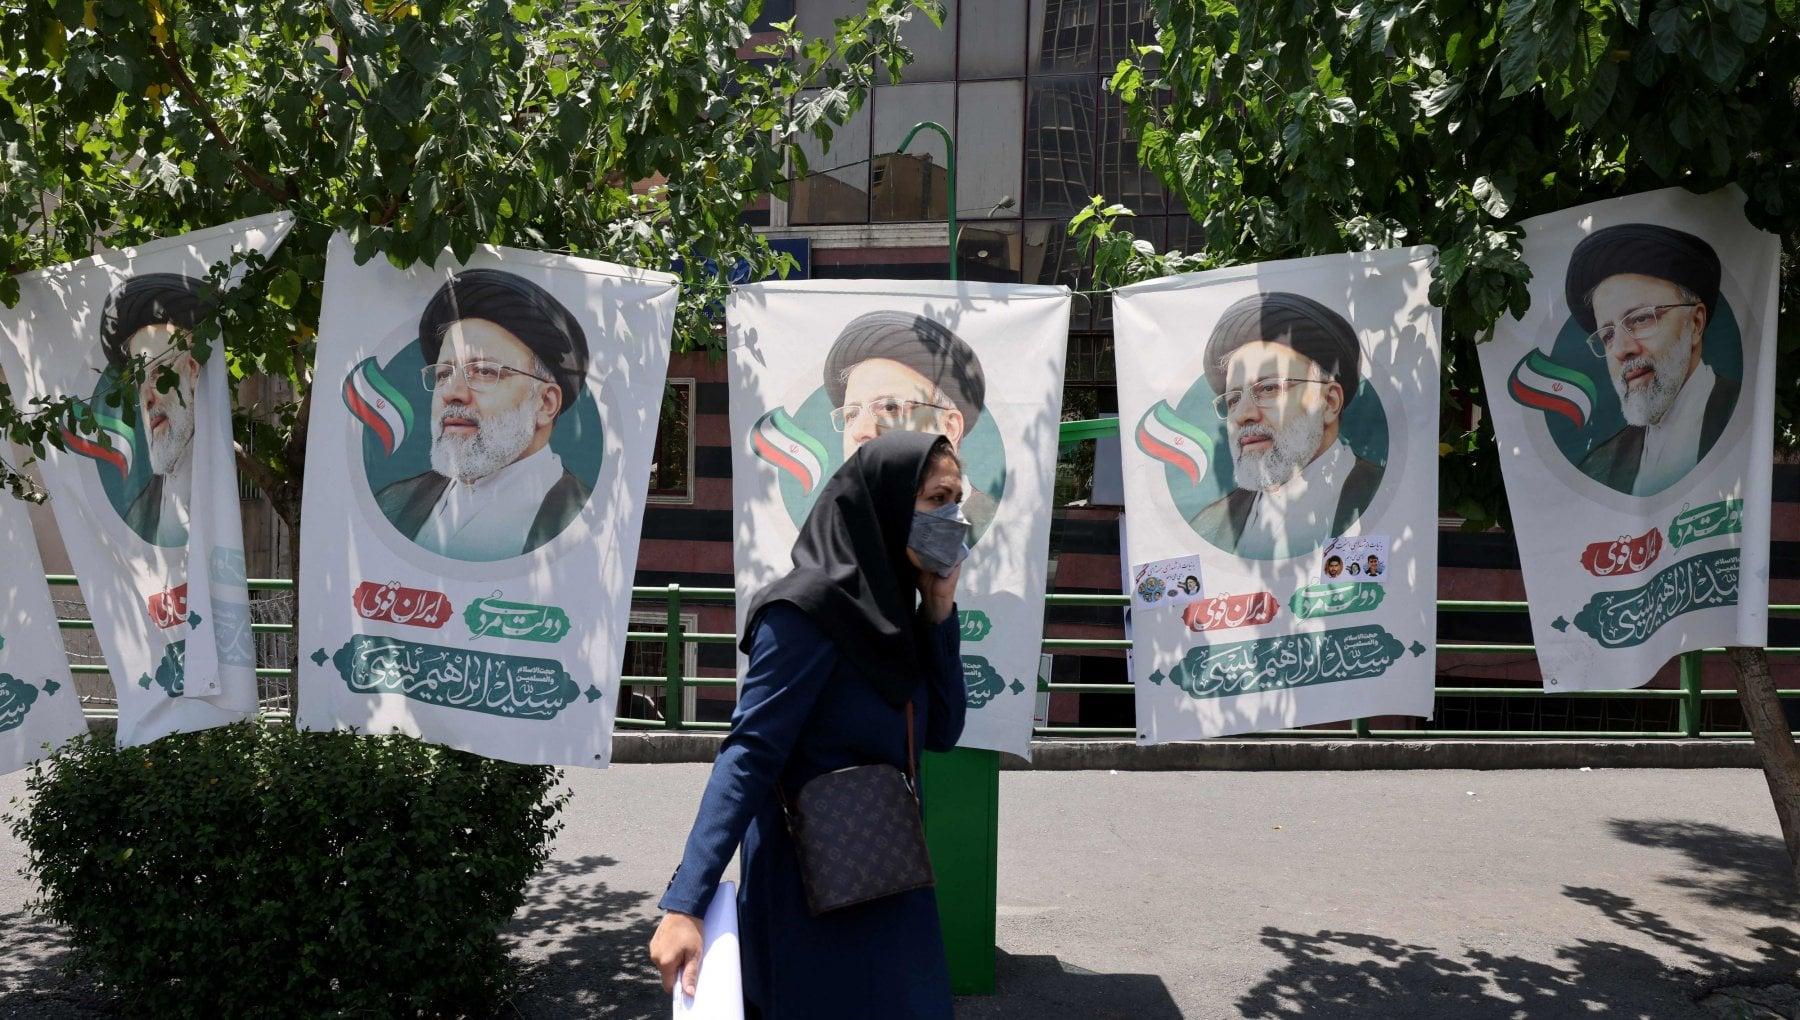 133222593 980fe007 8431 490d a9cc df7869f466ac - Iran, gli elettori pronti a disertare le urne. Da Khamenei a Rouhani l'appello ad andare a votare